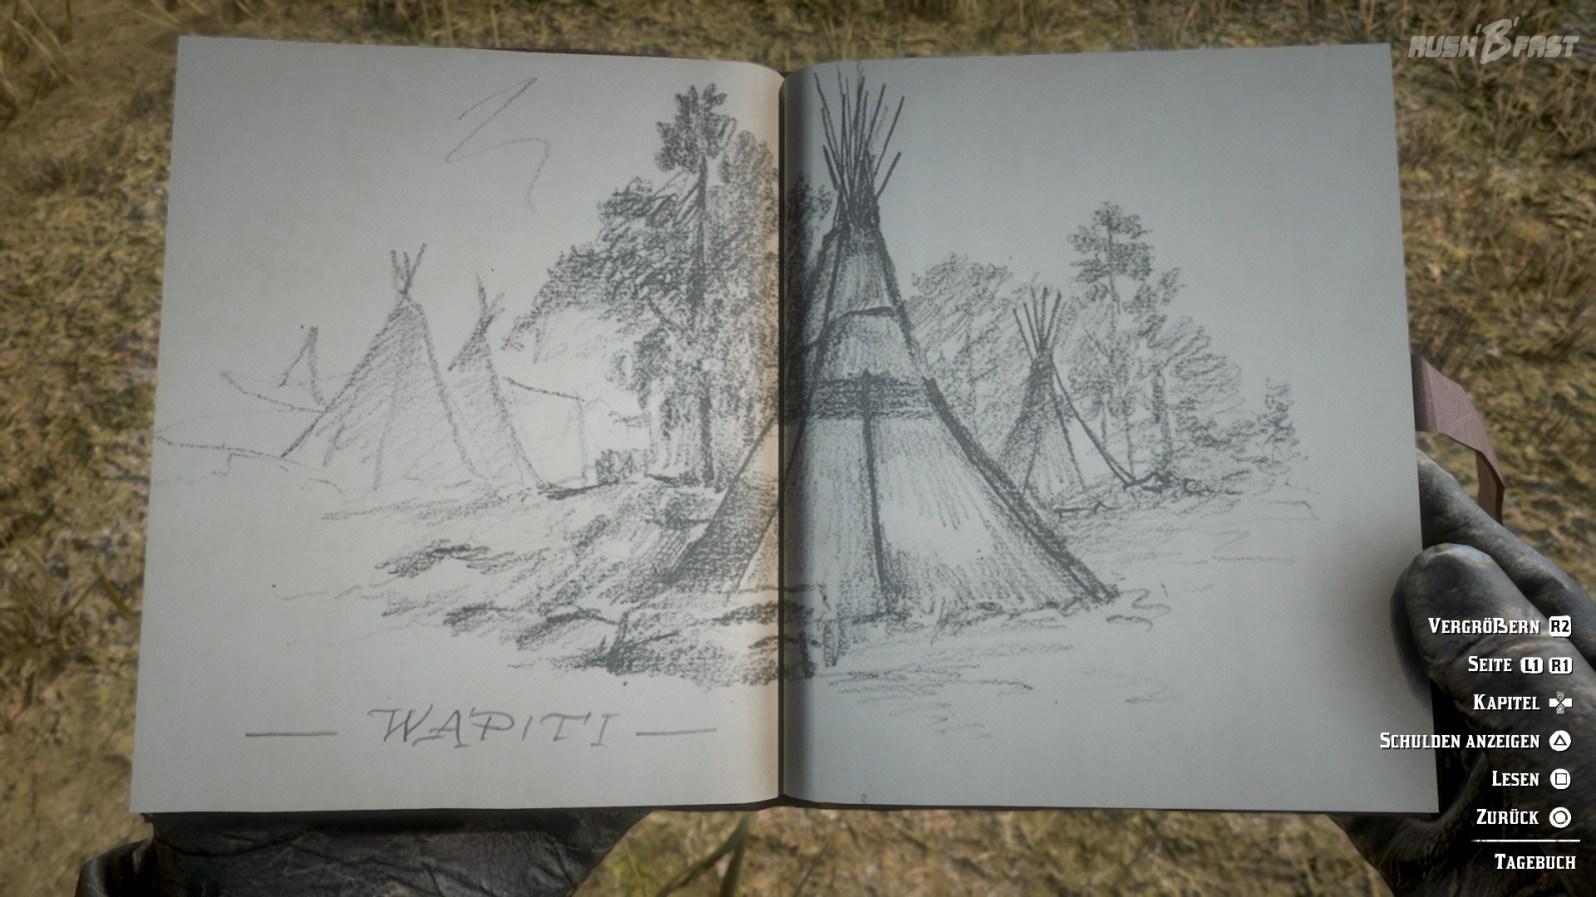 Red Dead Redemption 2: Arthur Morgan führt ein ausführliches Tagebuch mit detaillierten Zeichnungen.